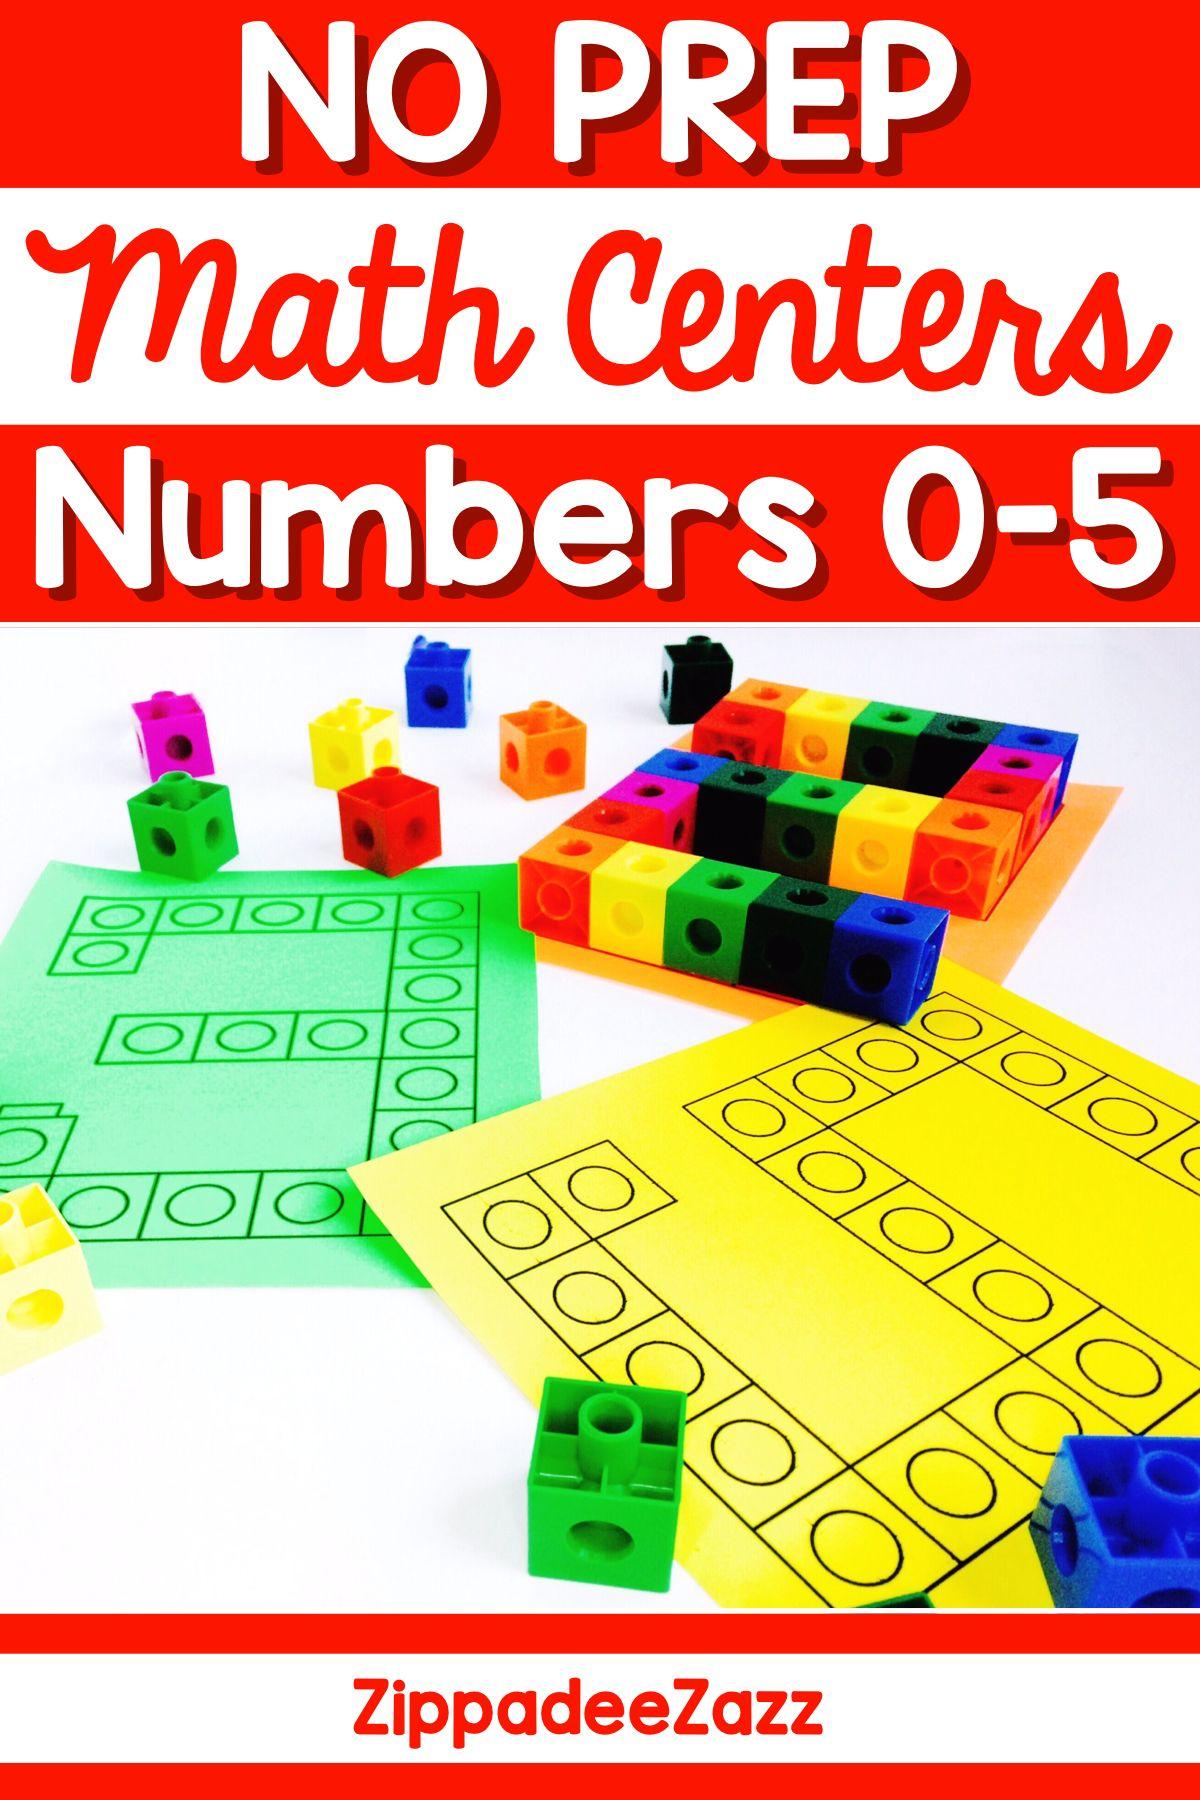 Worksheet Numbers 0 To 5 Preschool Activities Printable Preschool Number Worksheets First Grade Worksheets [ 1756 x 1242 Pixel ]